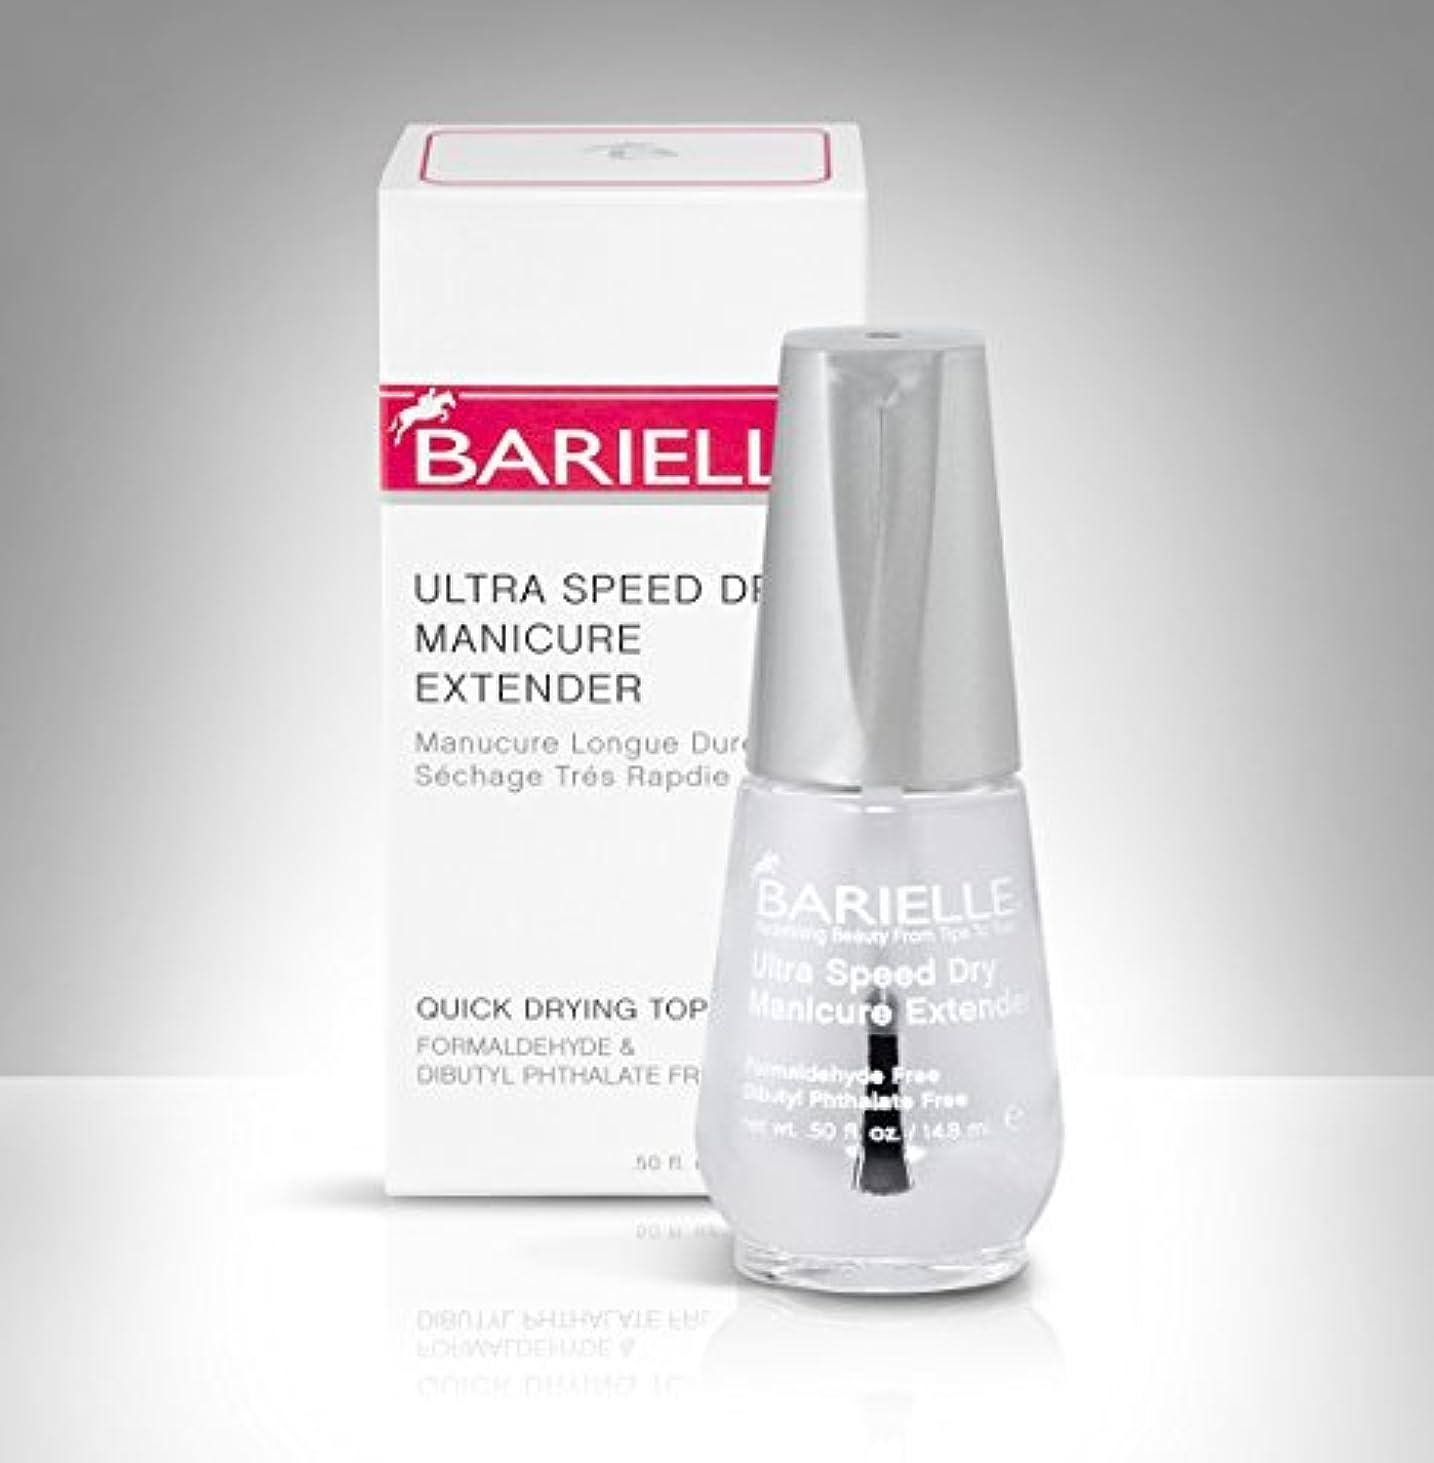 BARIELLE バリエル ウルトラ スピードドライ 14.8ml トップコート Ultra Speed Dry manicure Extender 1014 New York 【正規輸入店】